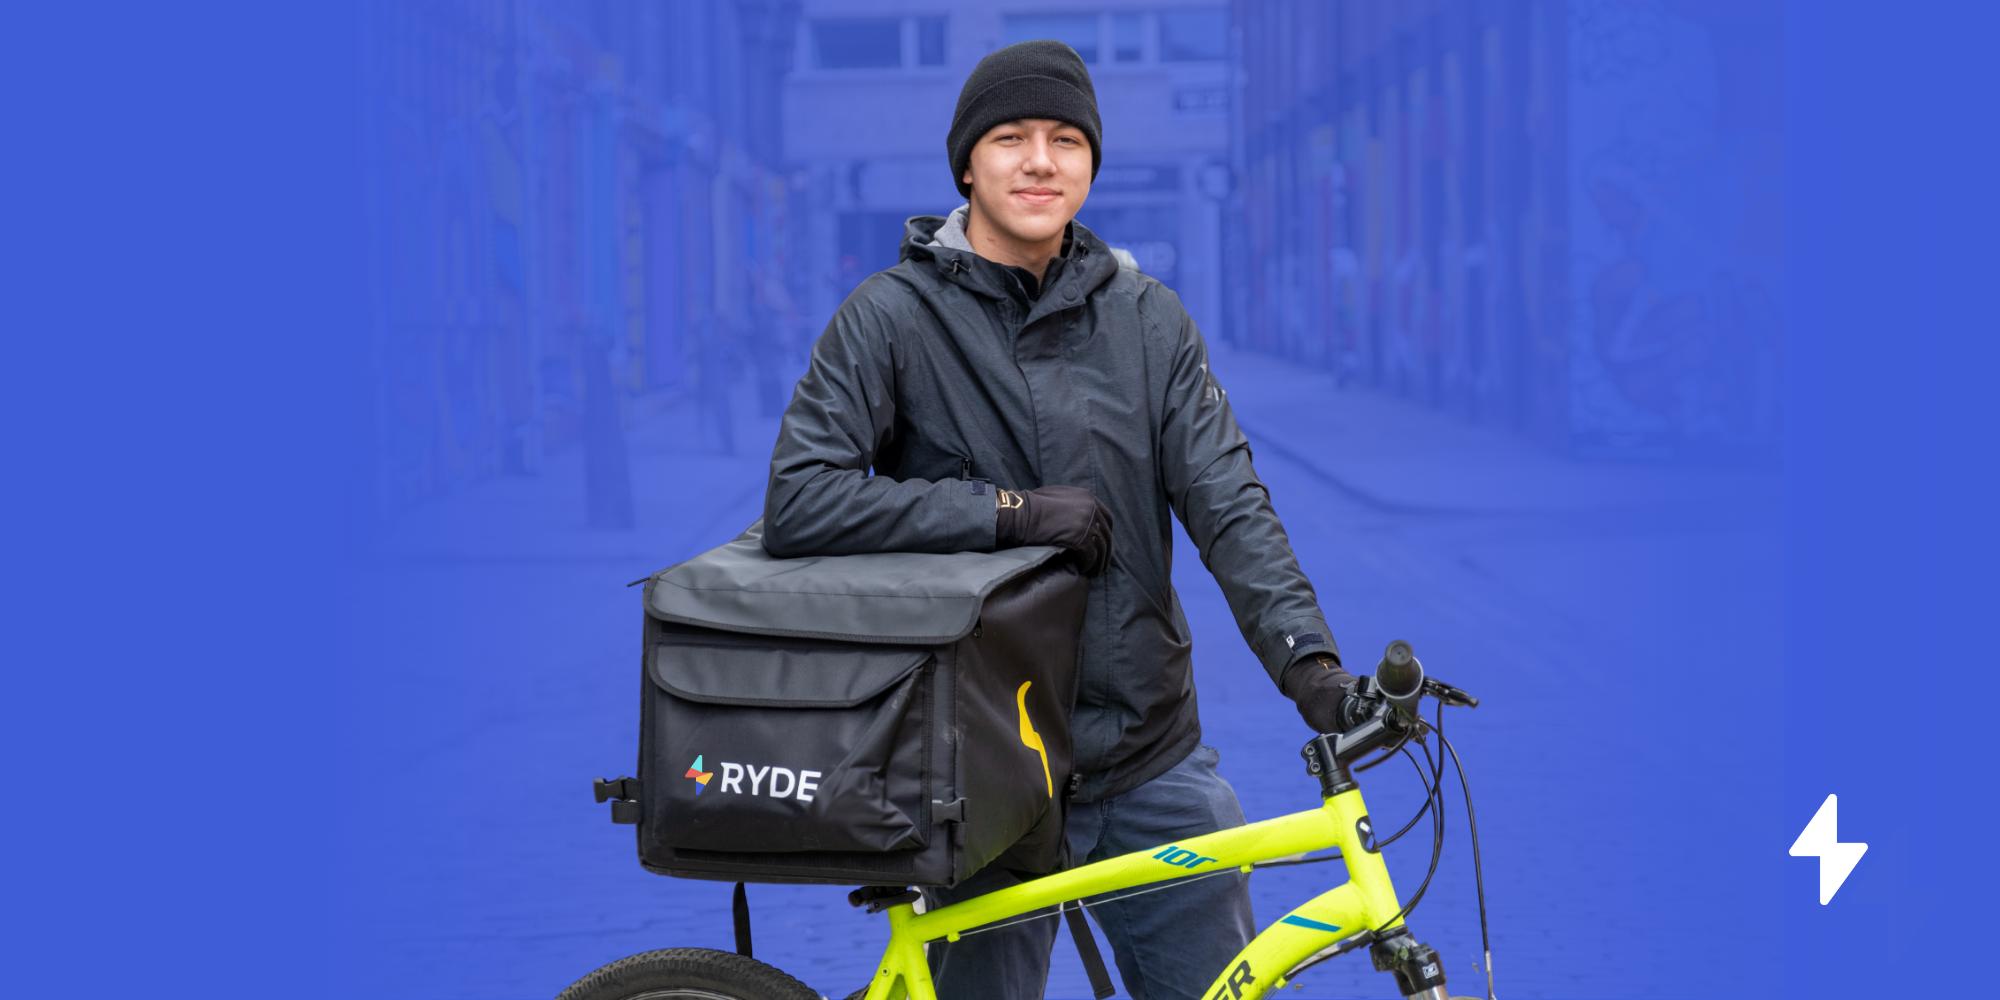 Ryde as a Rider First Platform